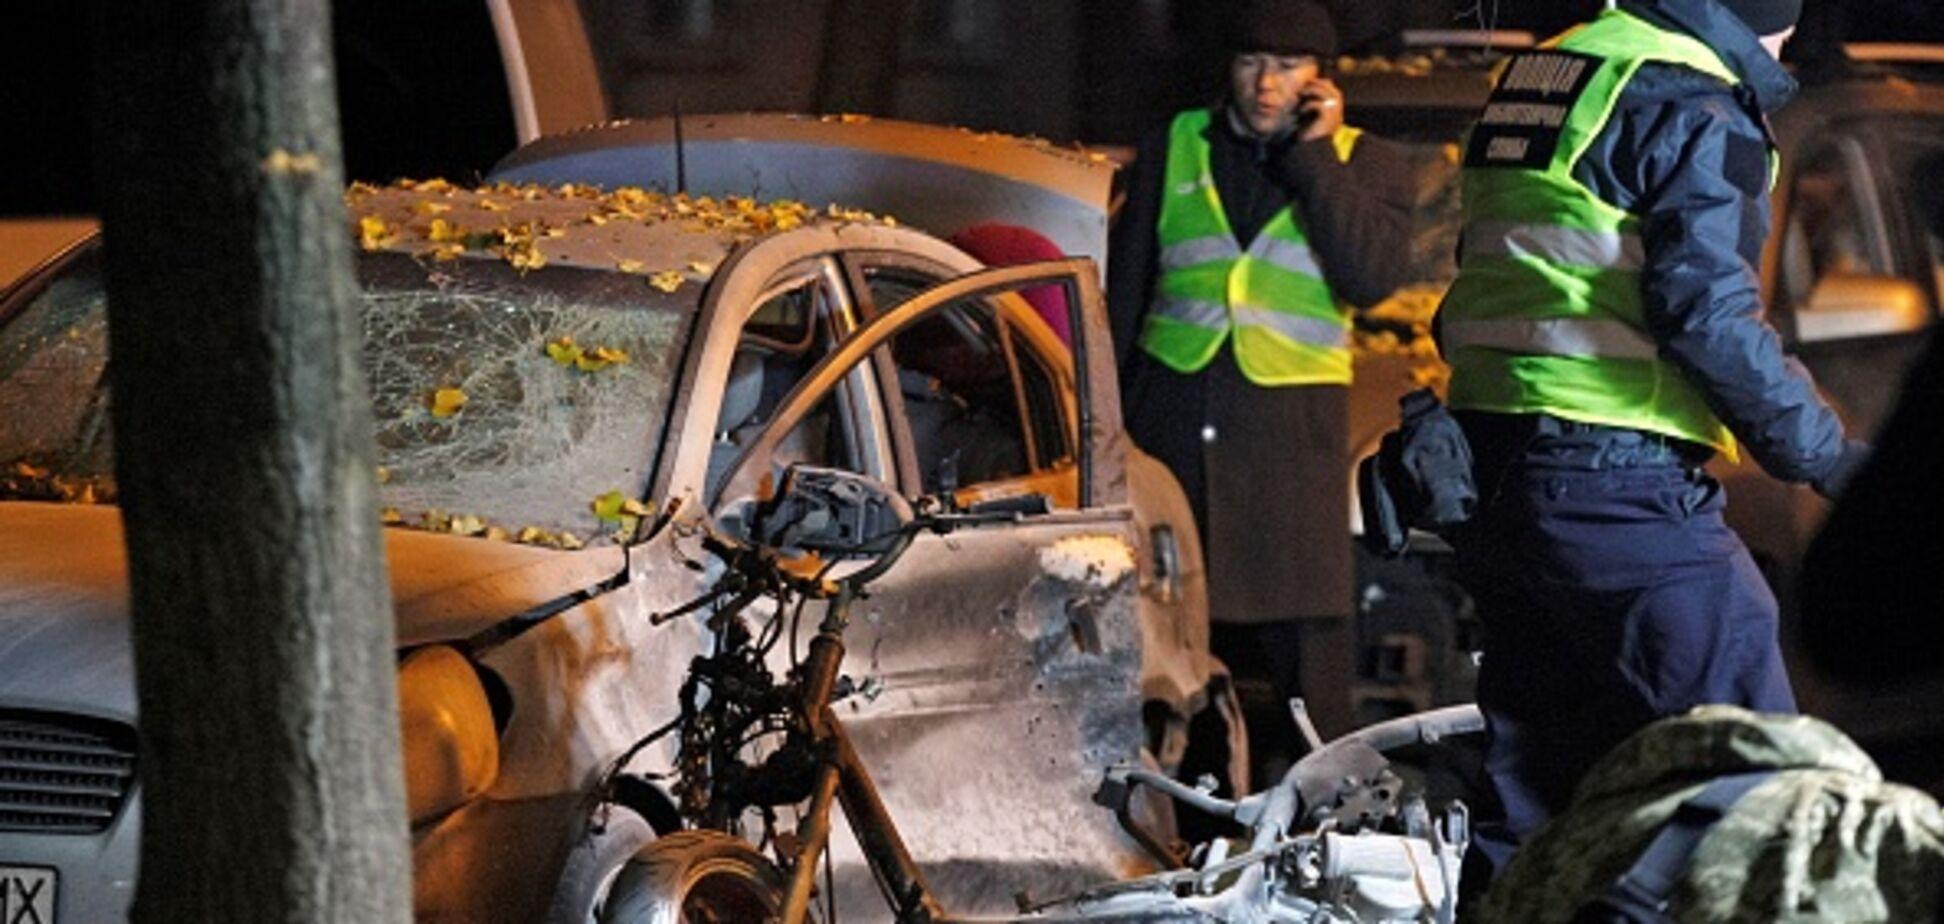 Захлебывался кровью: очевидица рассказала подробности гибели охранника Мосийчука